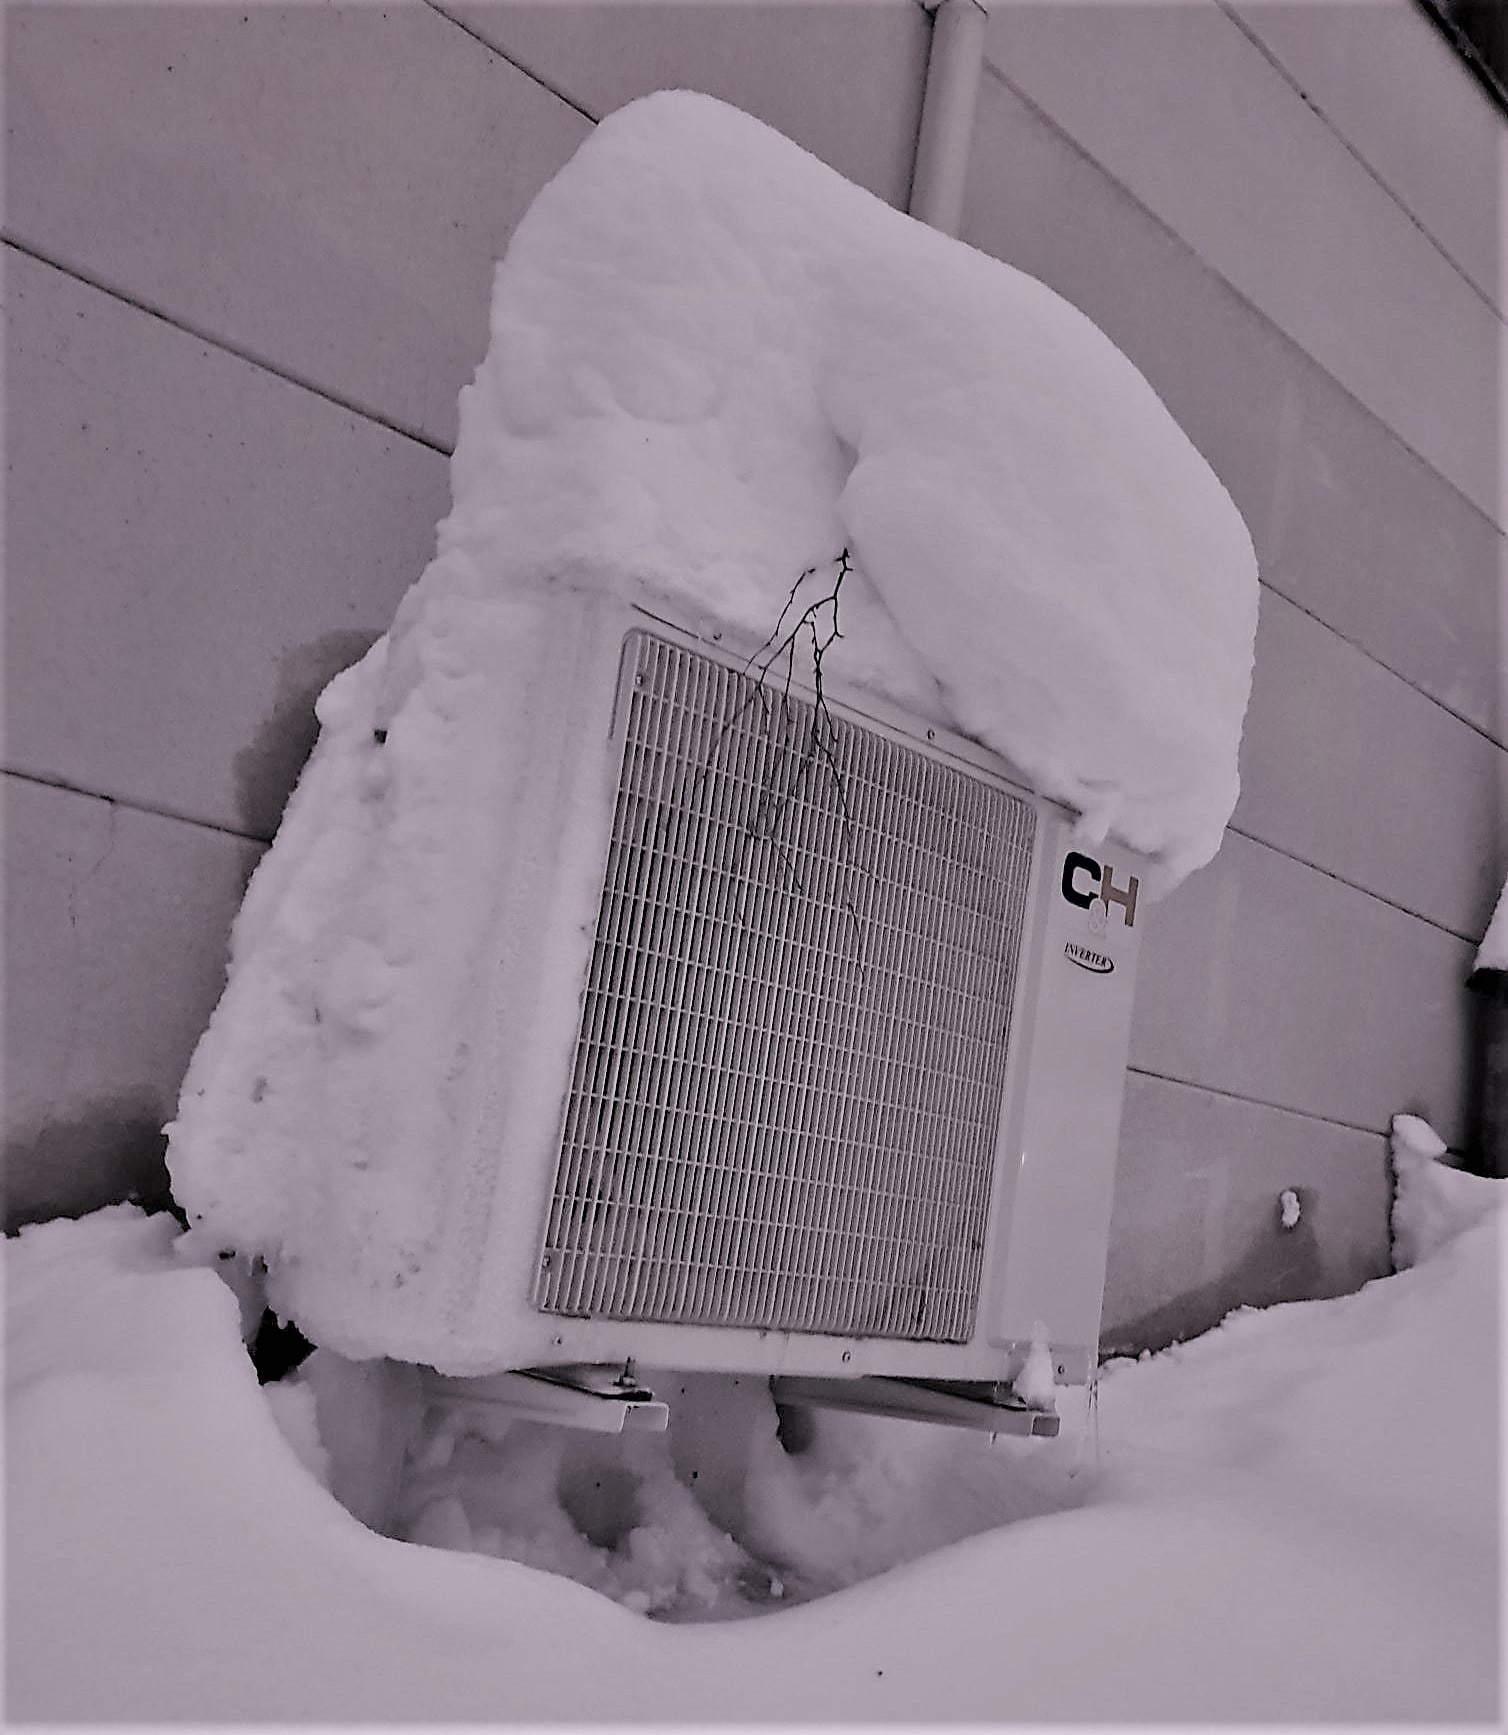 Ilmalämpöpumpun toiminta vaihtelevissa talvisissa olosuhteissa